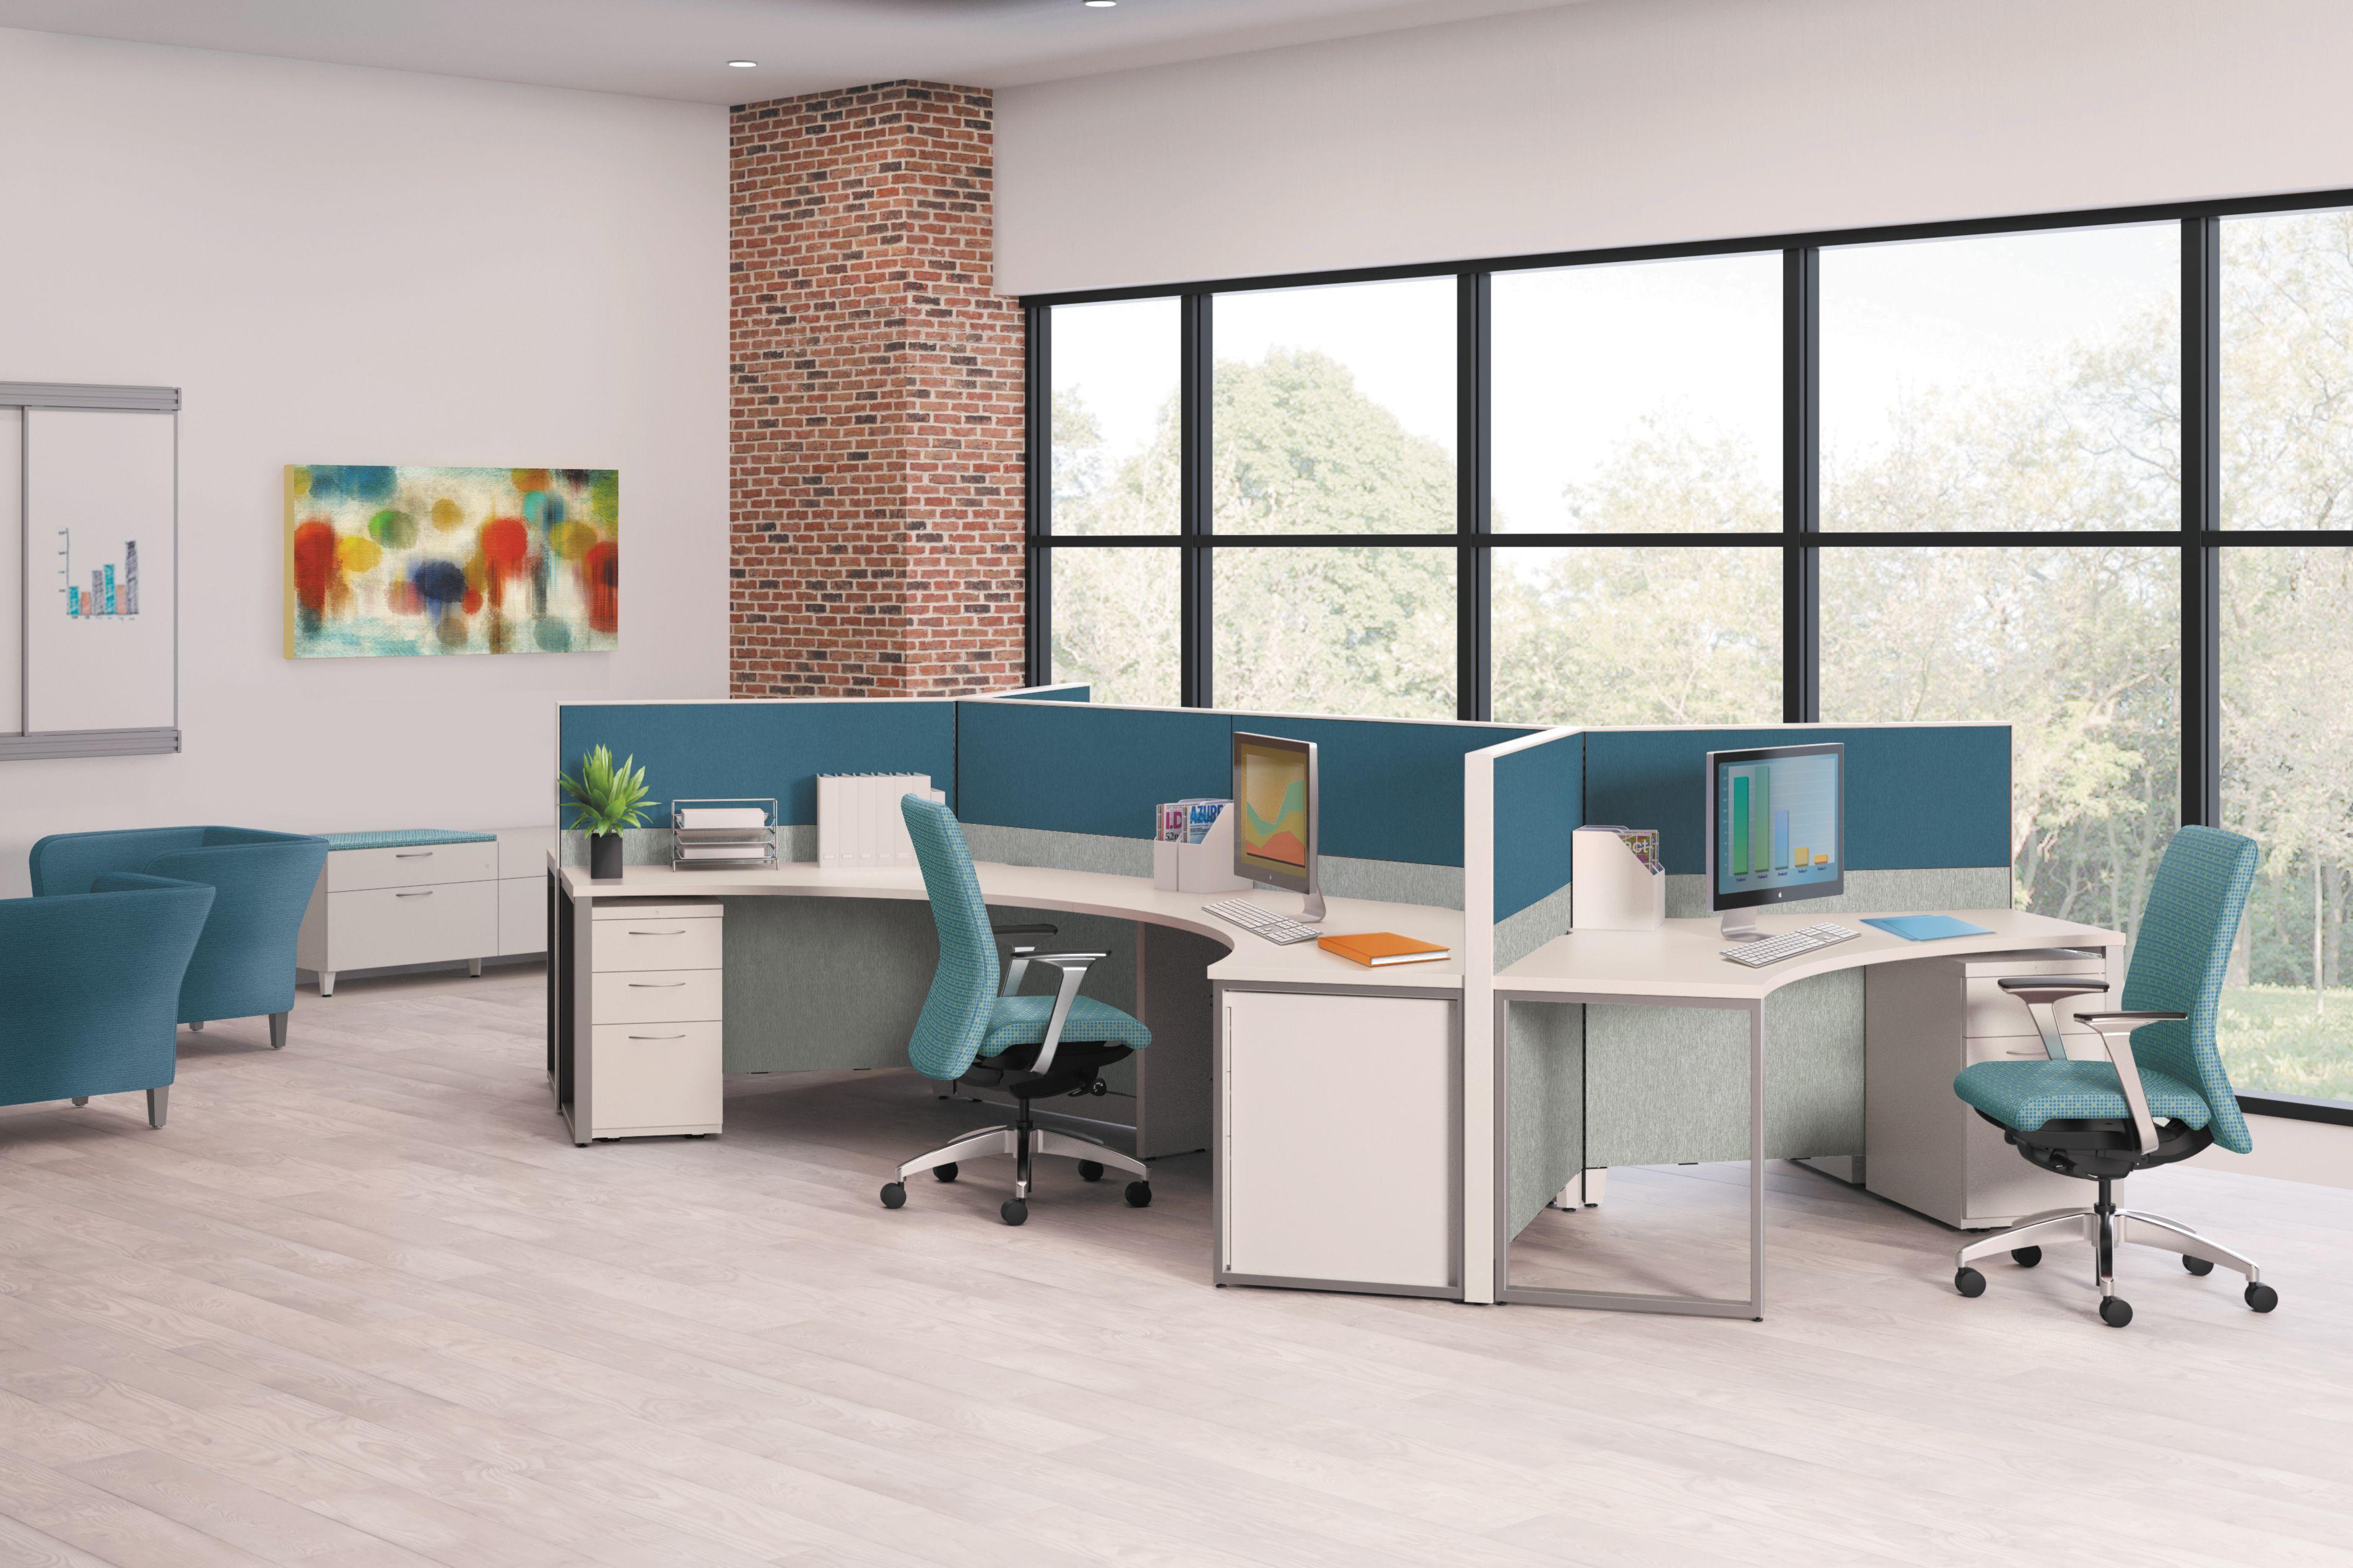 Abound desk system